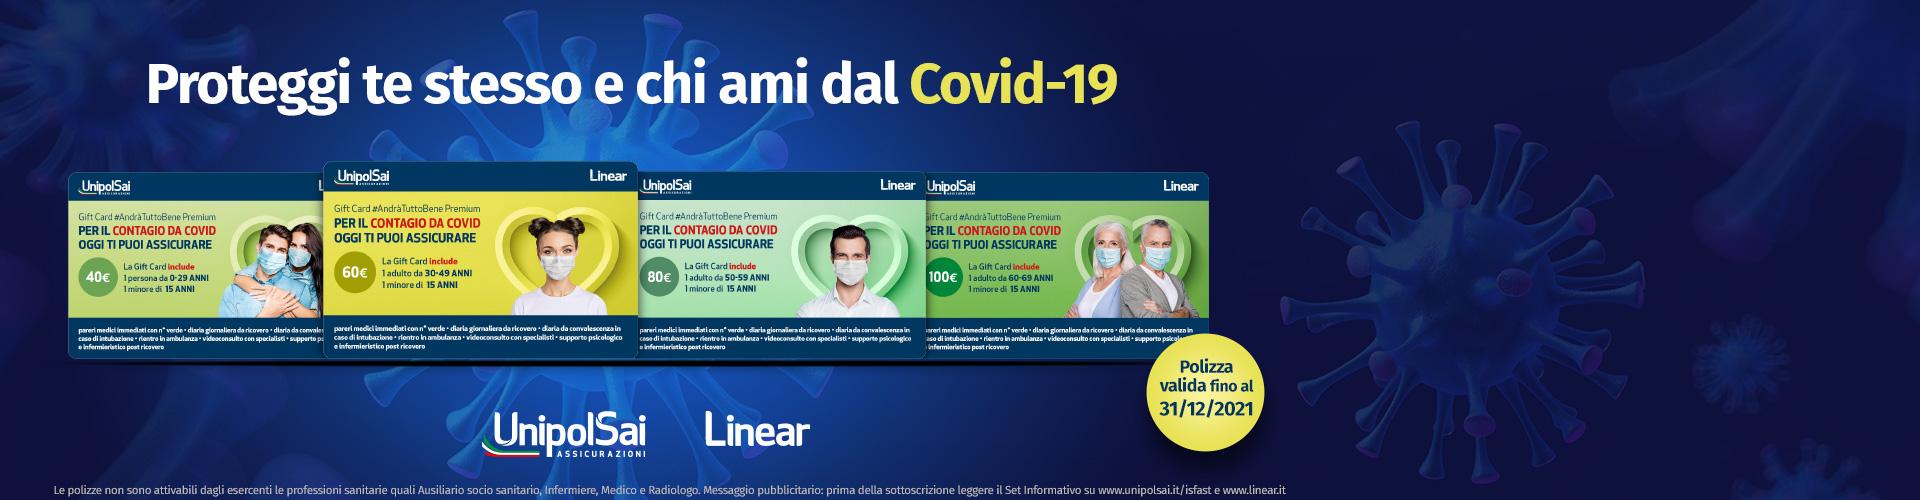 Promozione Unipol Covid